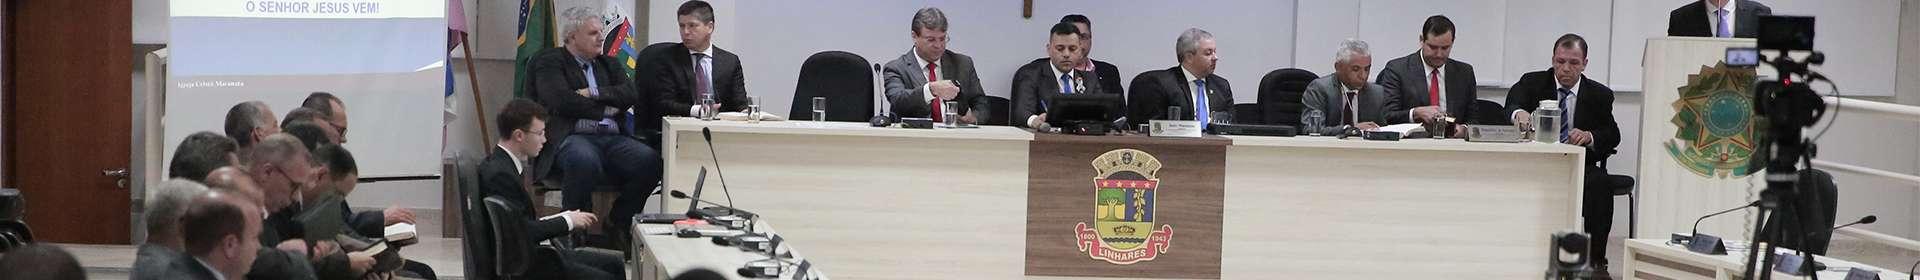 Igreja Cristã Maranata de Linhares recebe homenagem pelos 40 anos no município